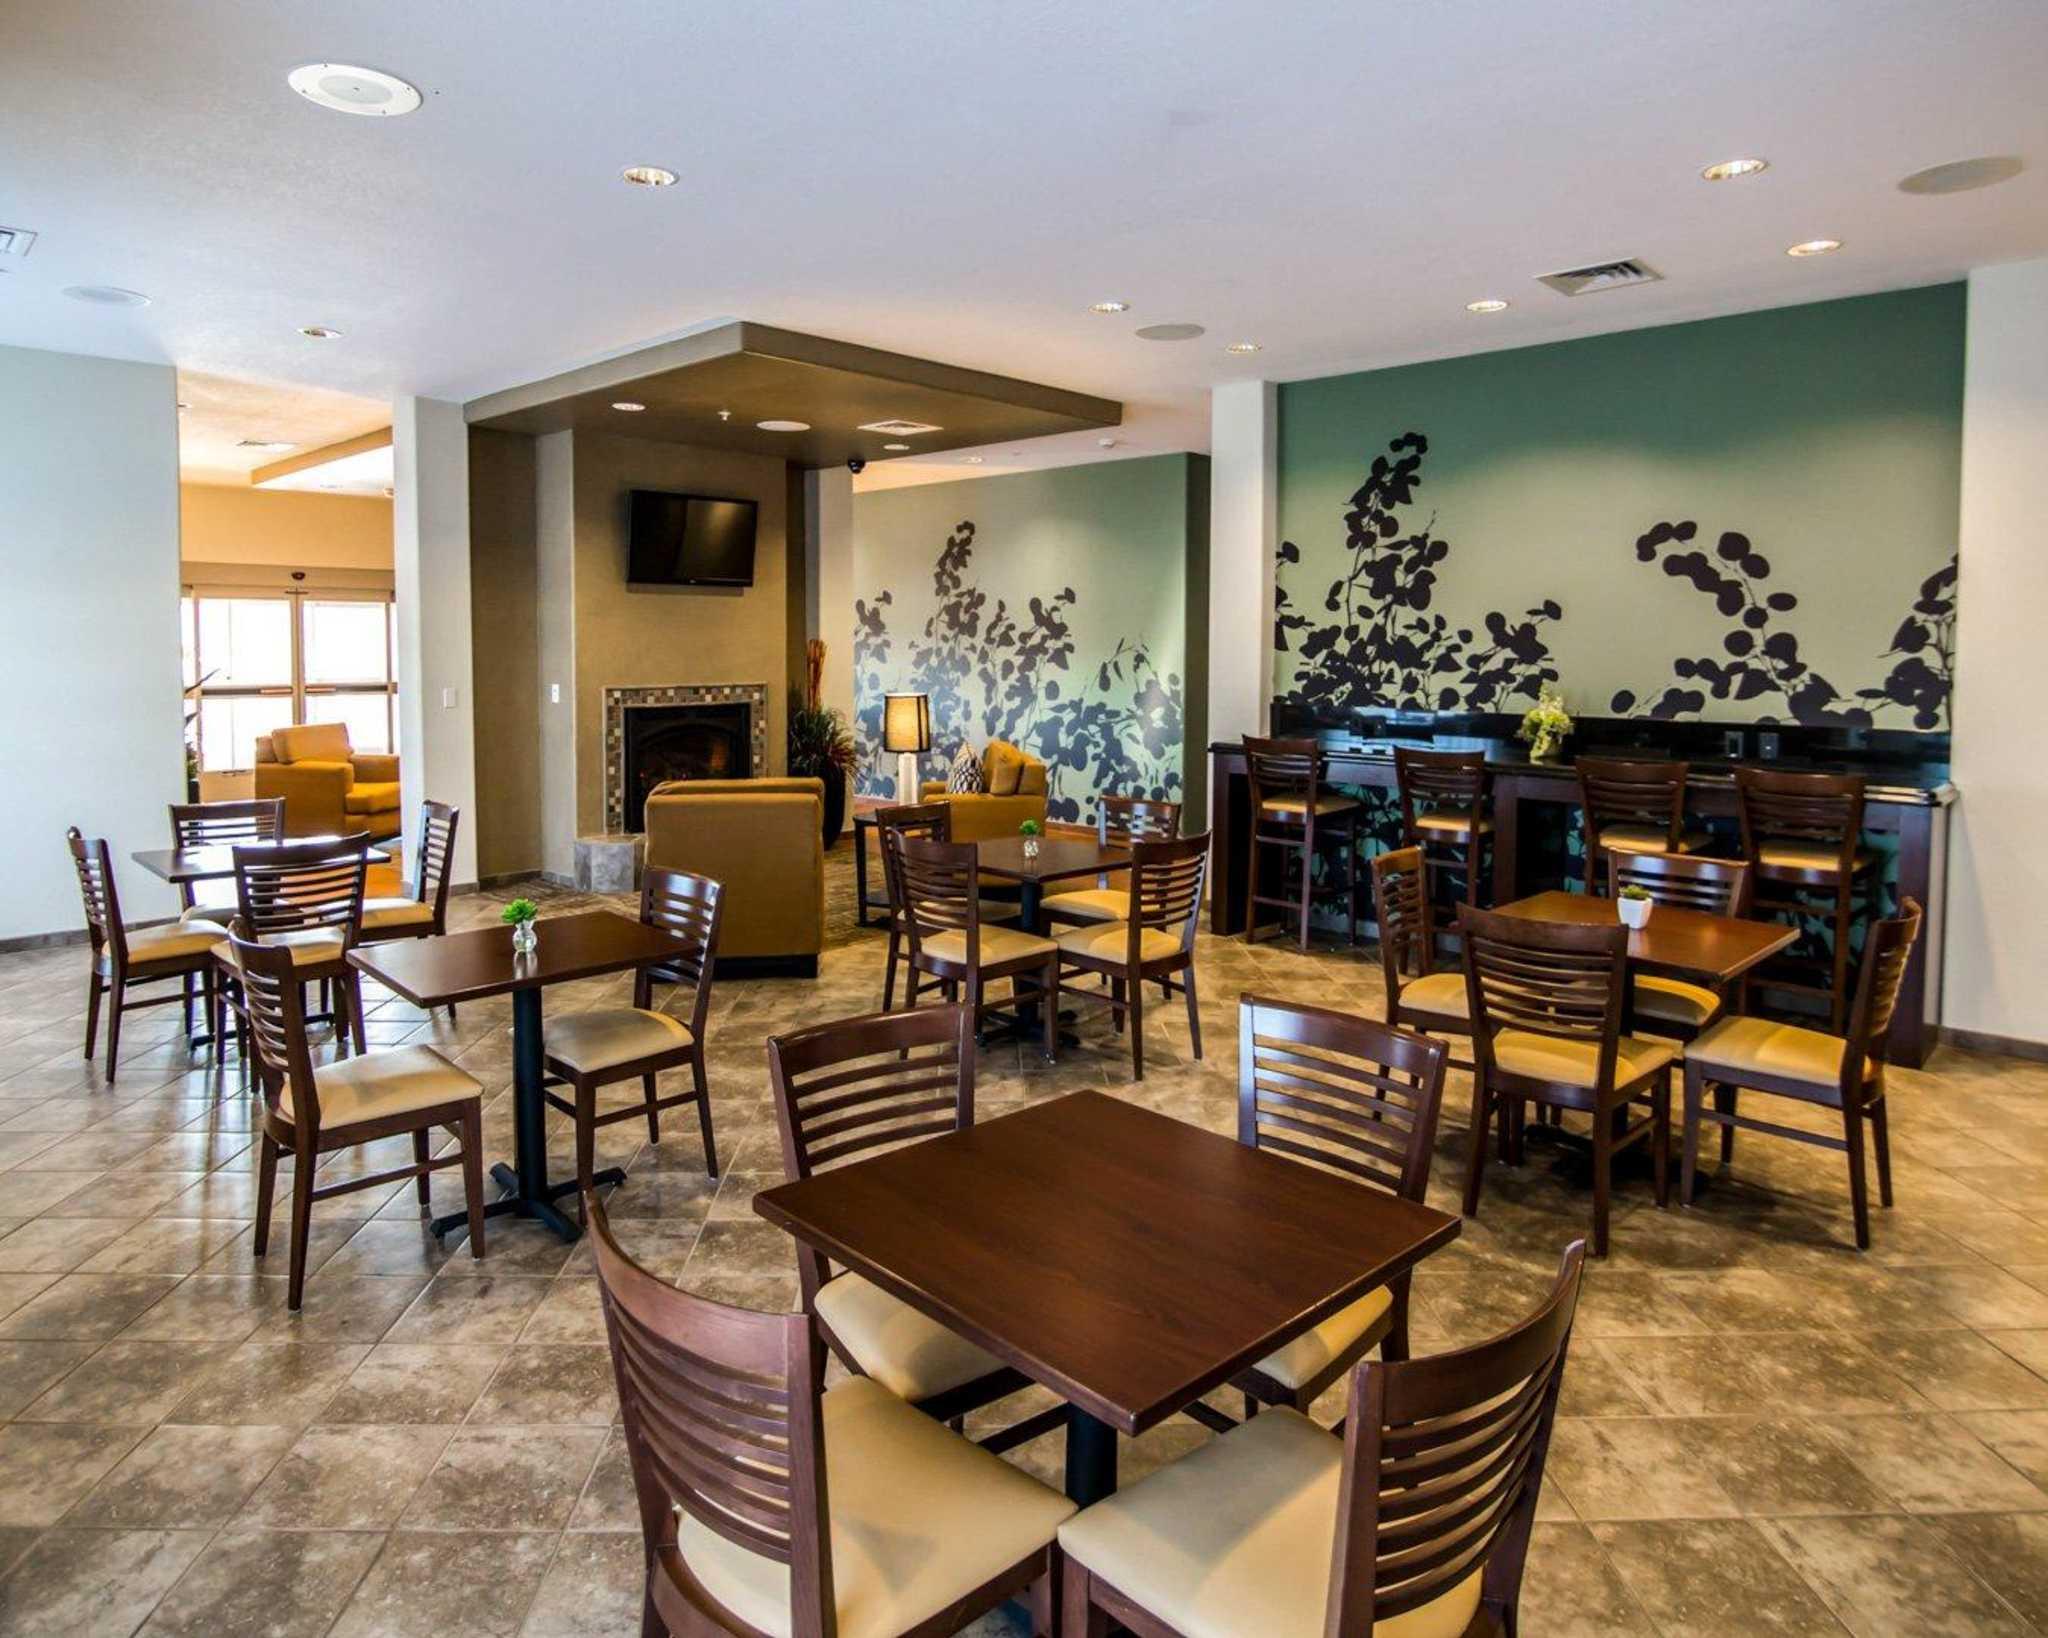 Meeting Rooms In Garden City Ks